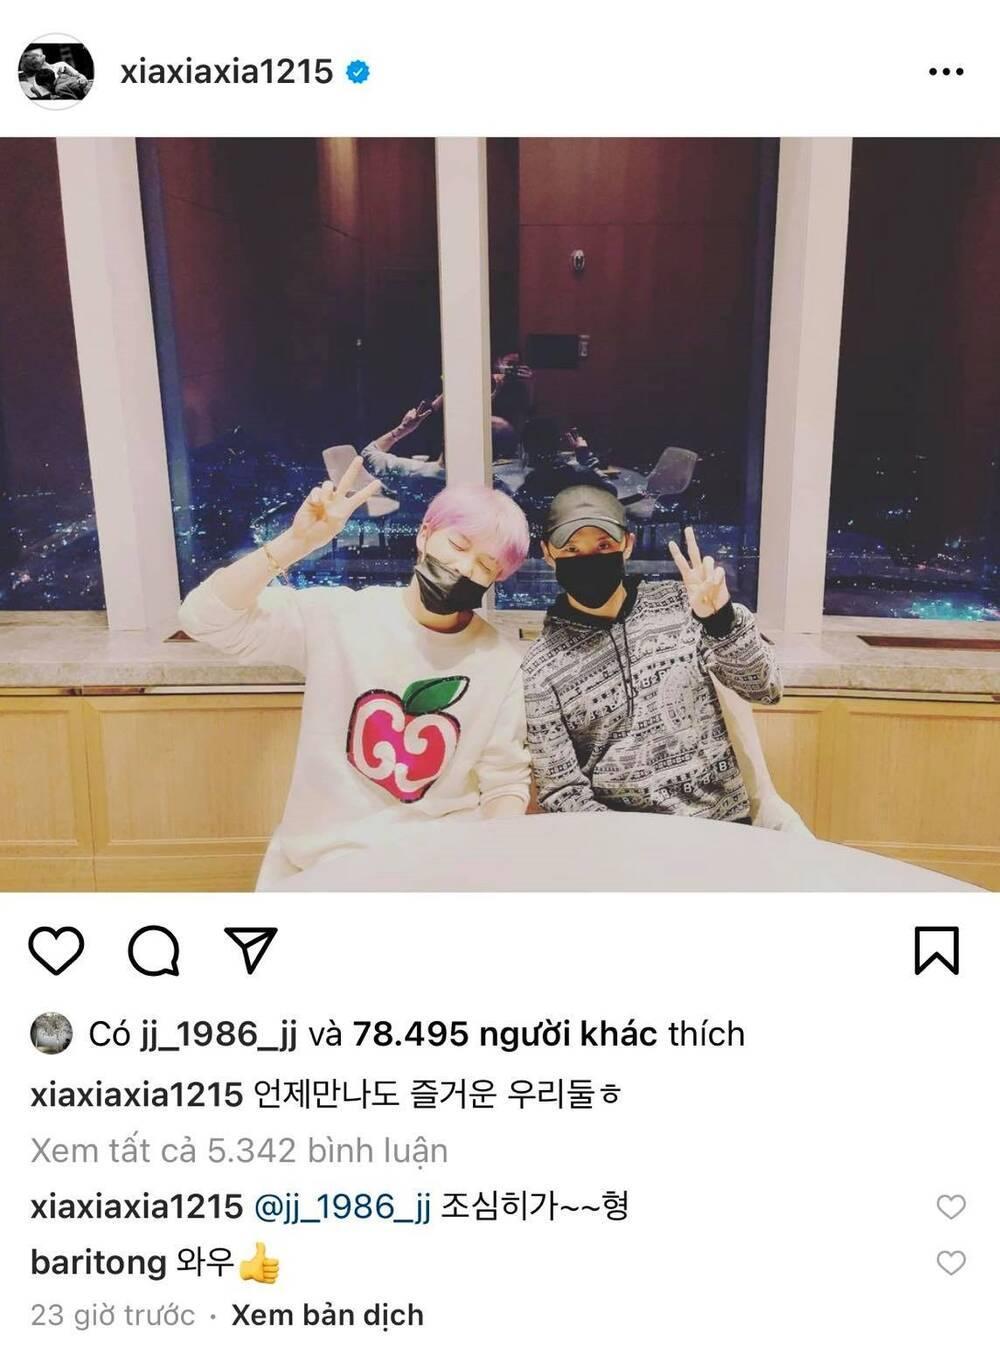 Fan hâm mộ 'rớt nước mắt' trước khoảnh khắc hội ngộ của Junsu và Jaejoong (JYJ) Ảnh 7